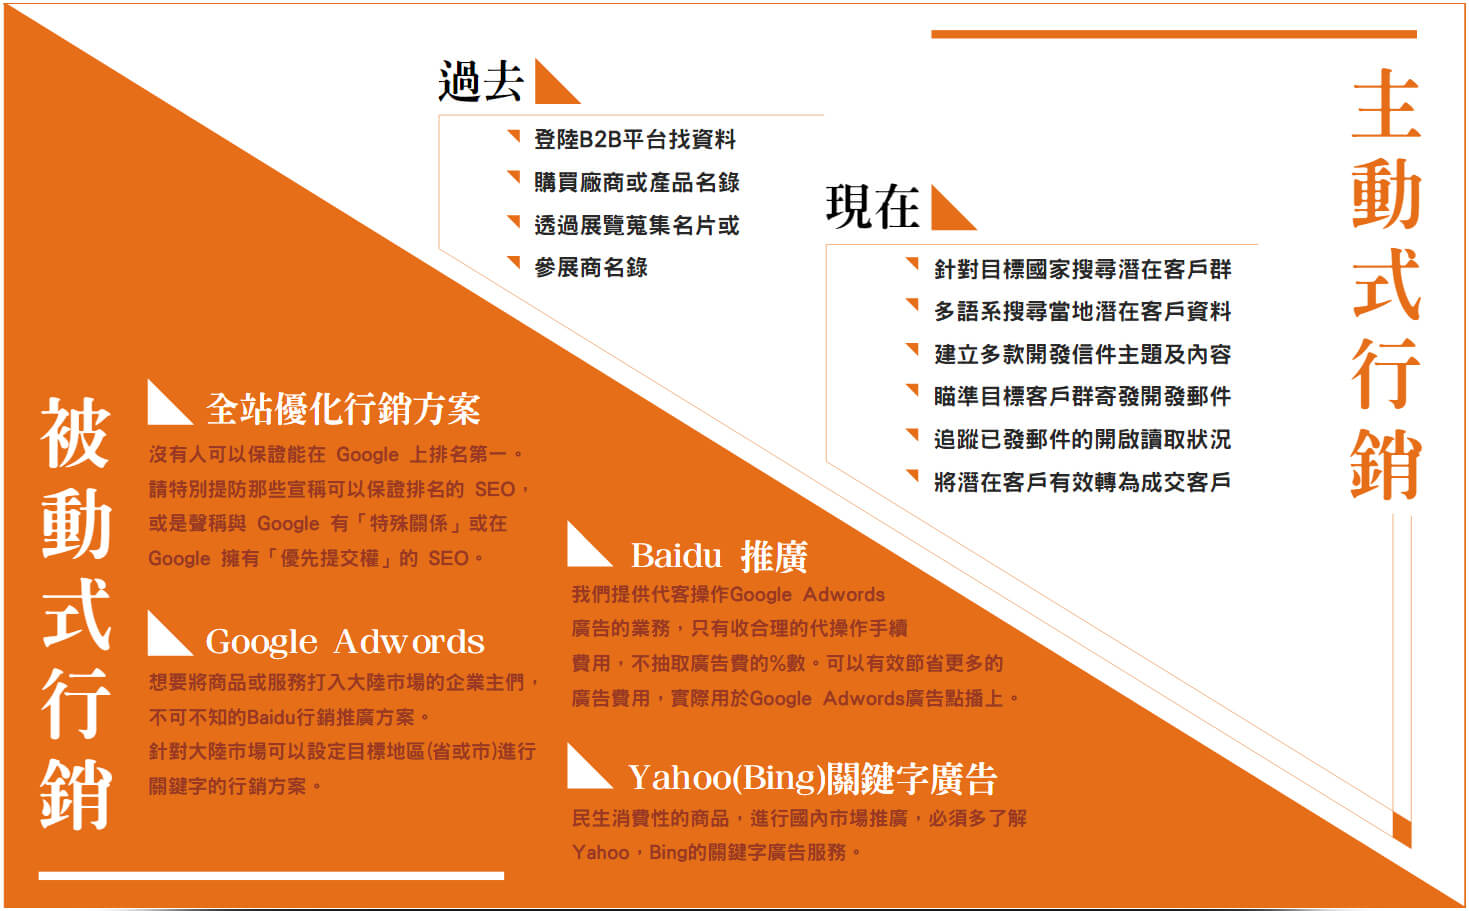 網路行銷規劃 - 服務項目 - 首岳資訊